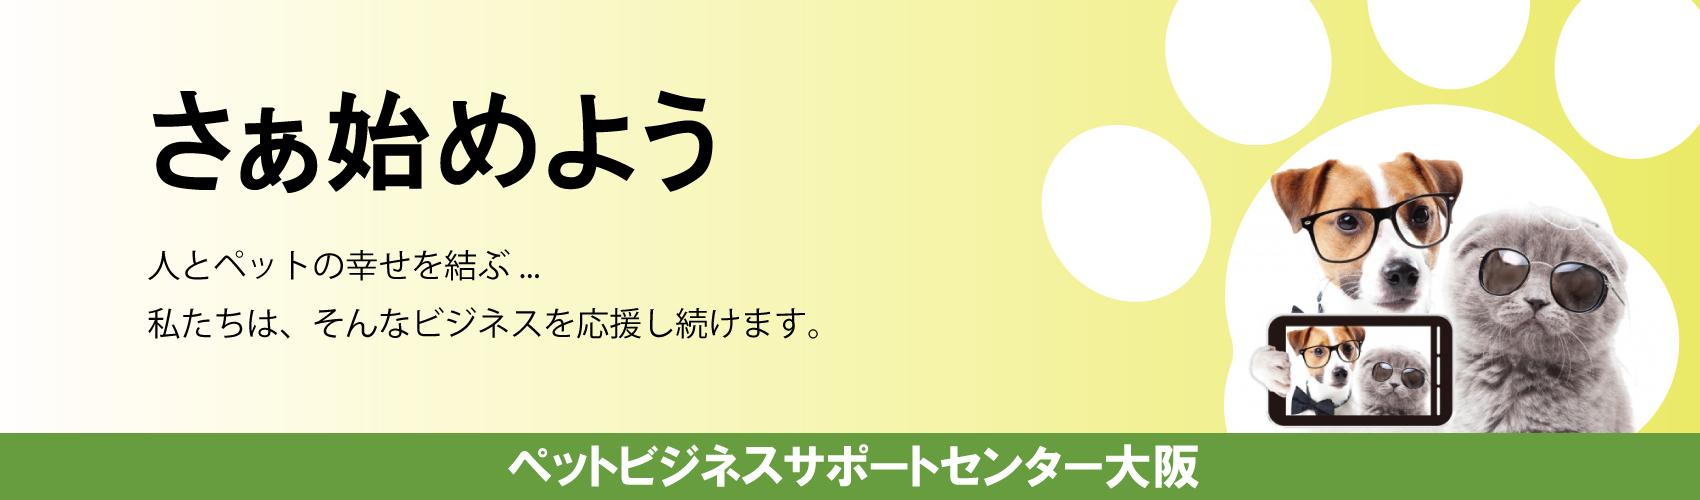 ペットビジネスサポートセンター大阪